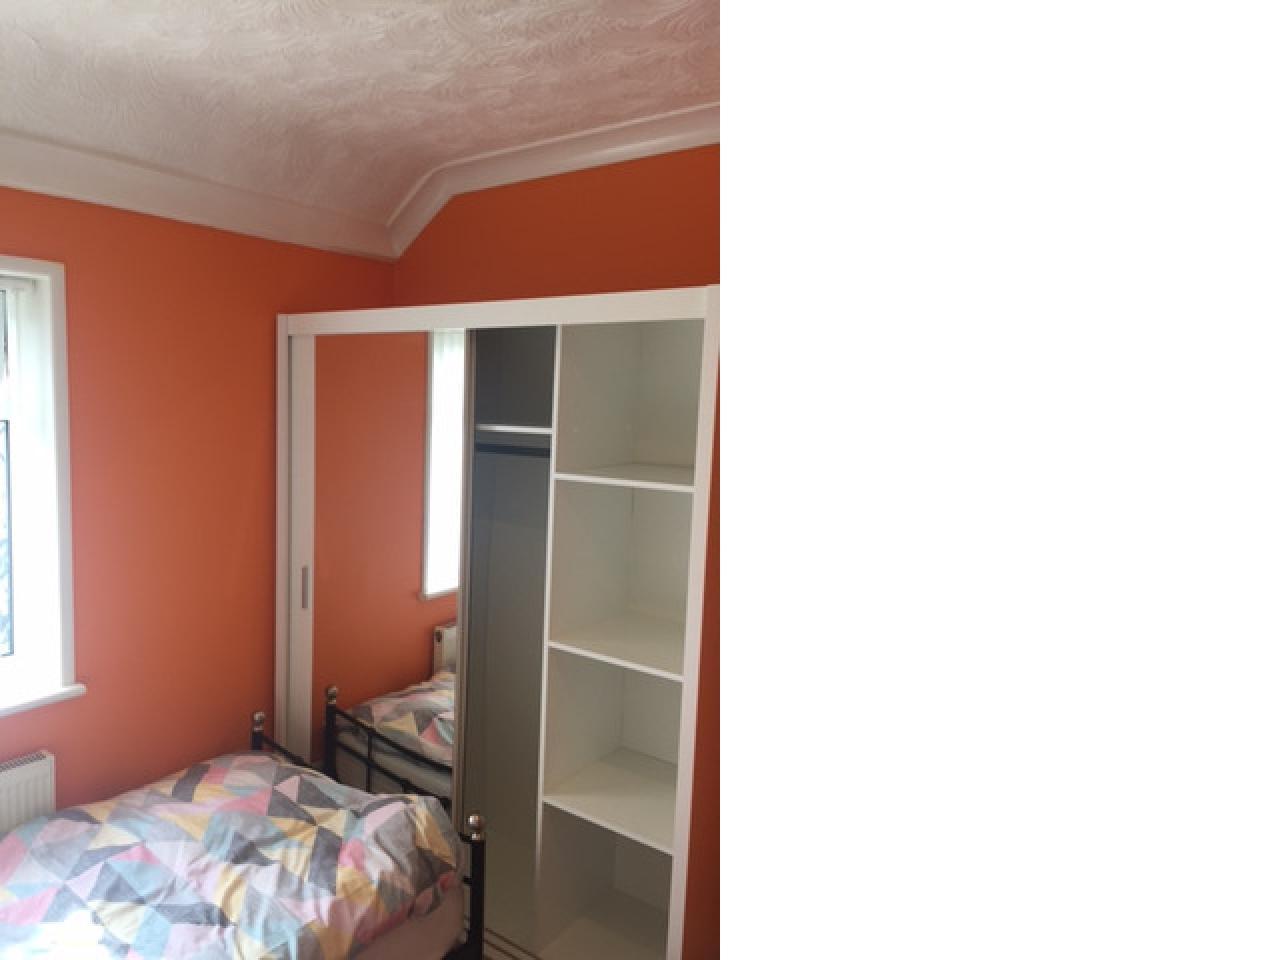 Сдается Сингл комната в Районе Дагенхам для девушки - 3